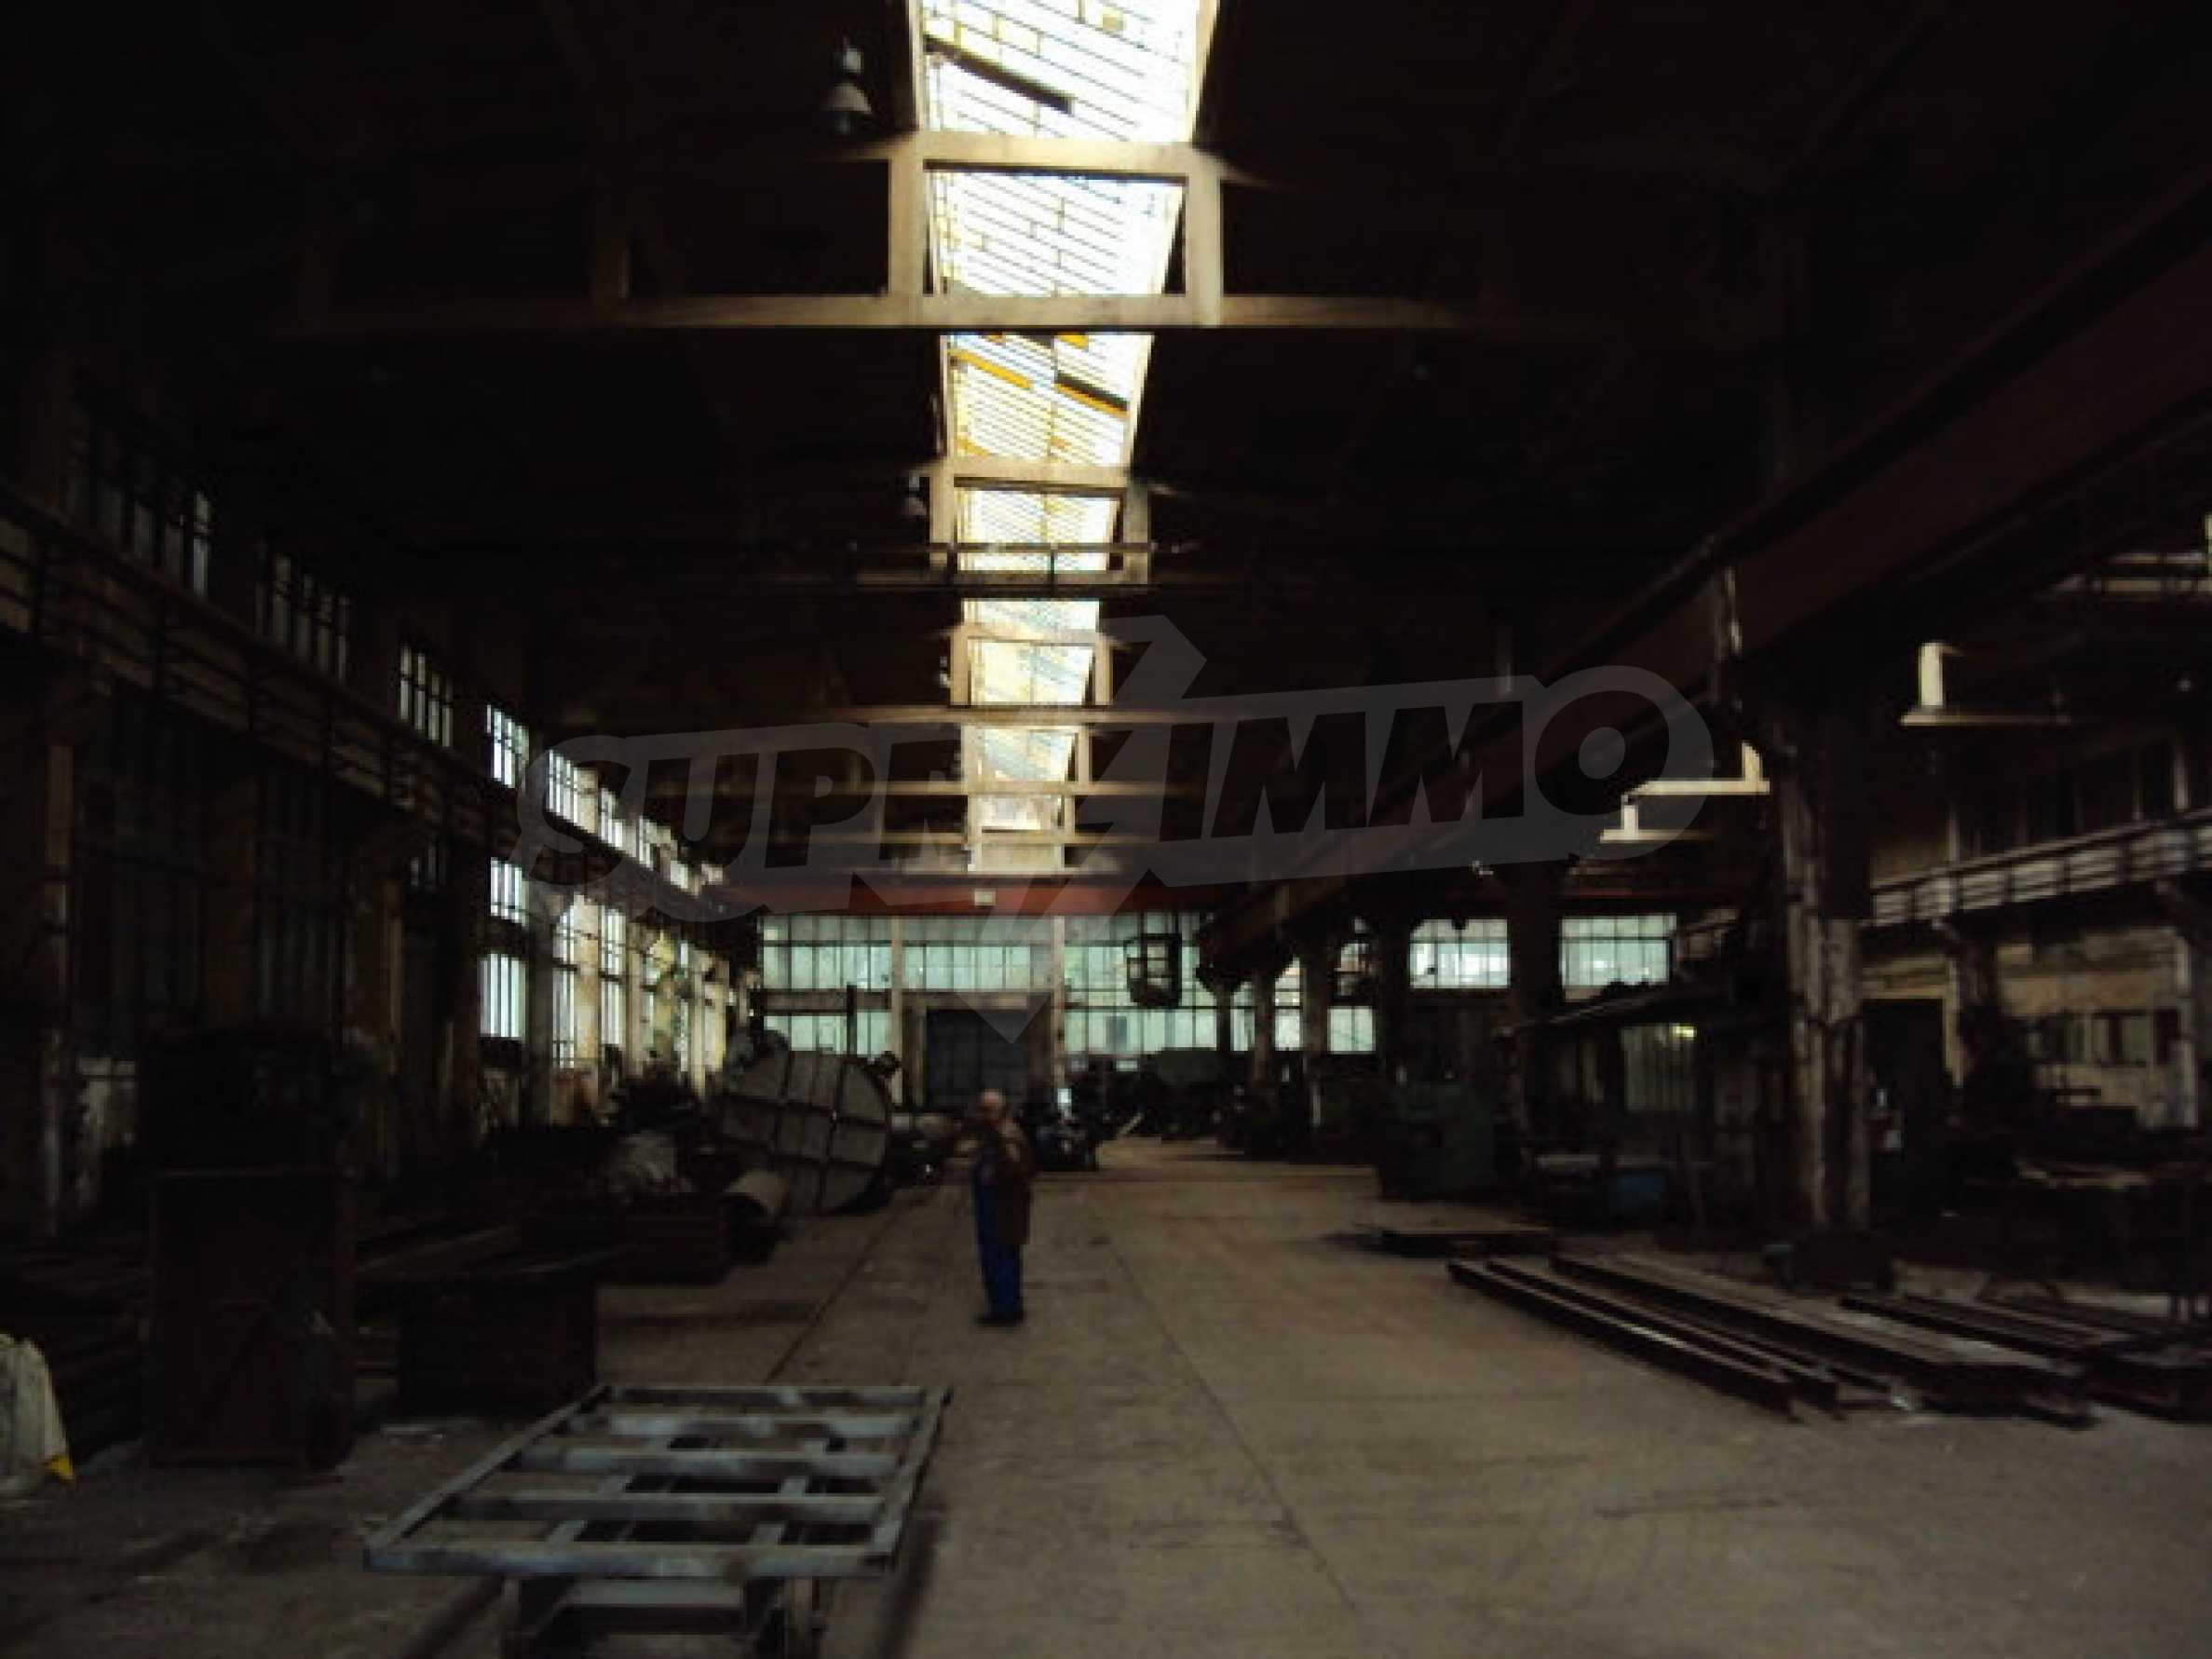 Factory for metal parts in Veliko Tarnovo 26